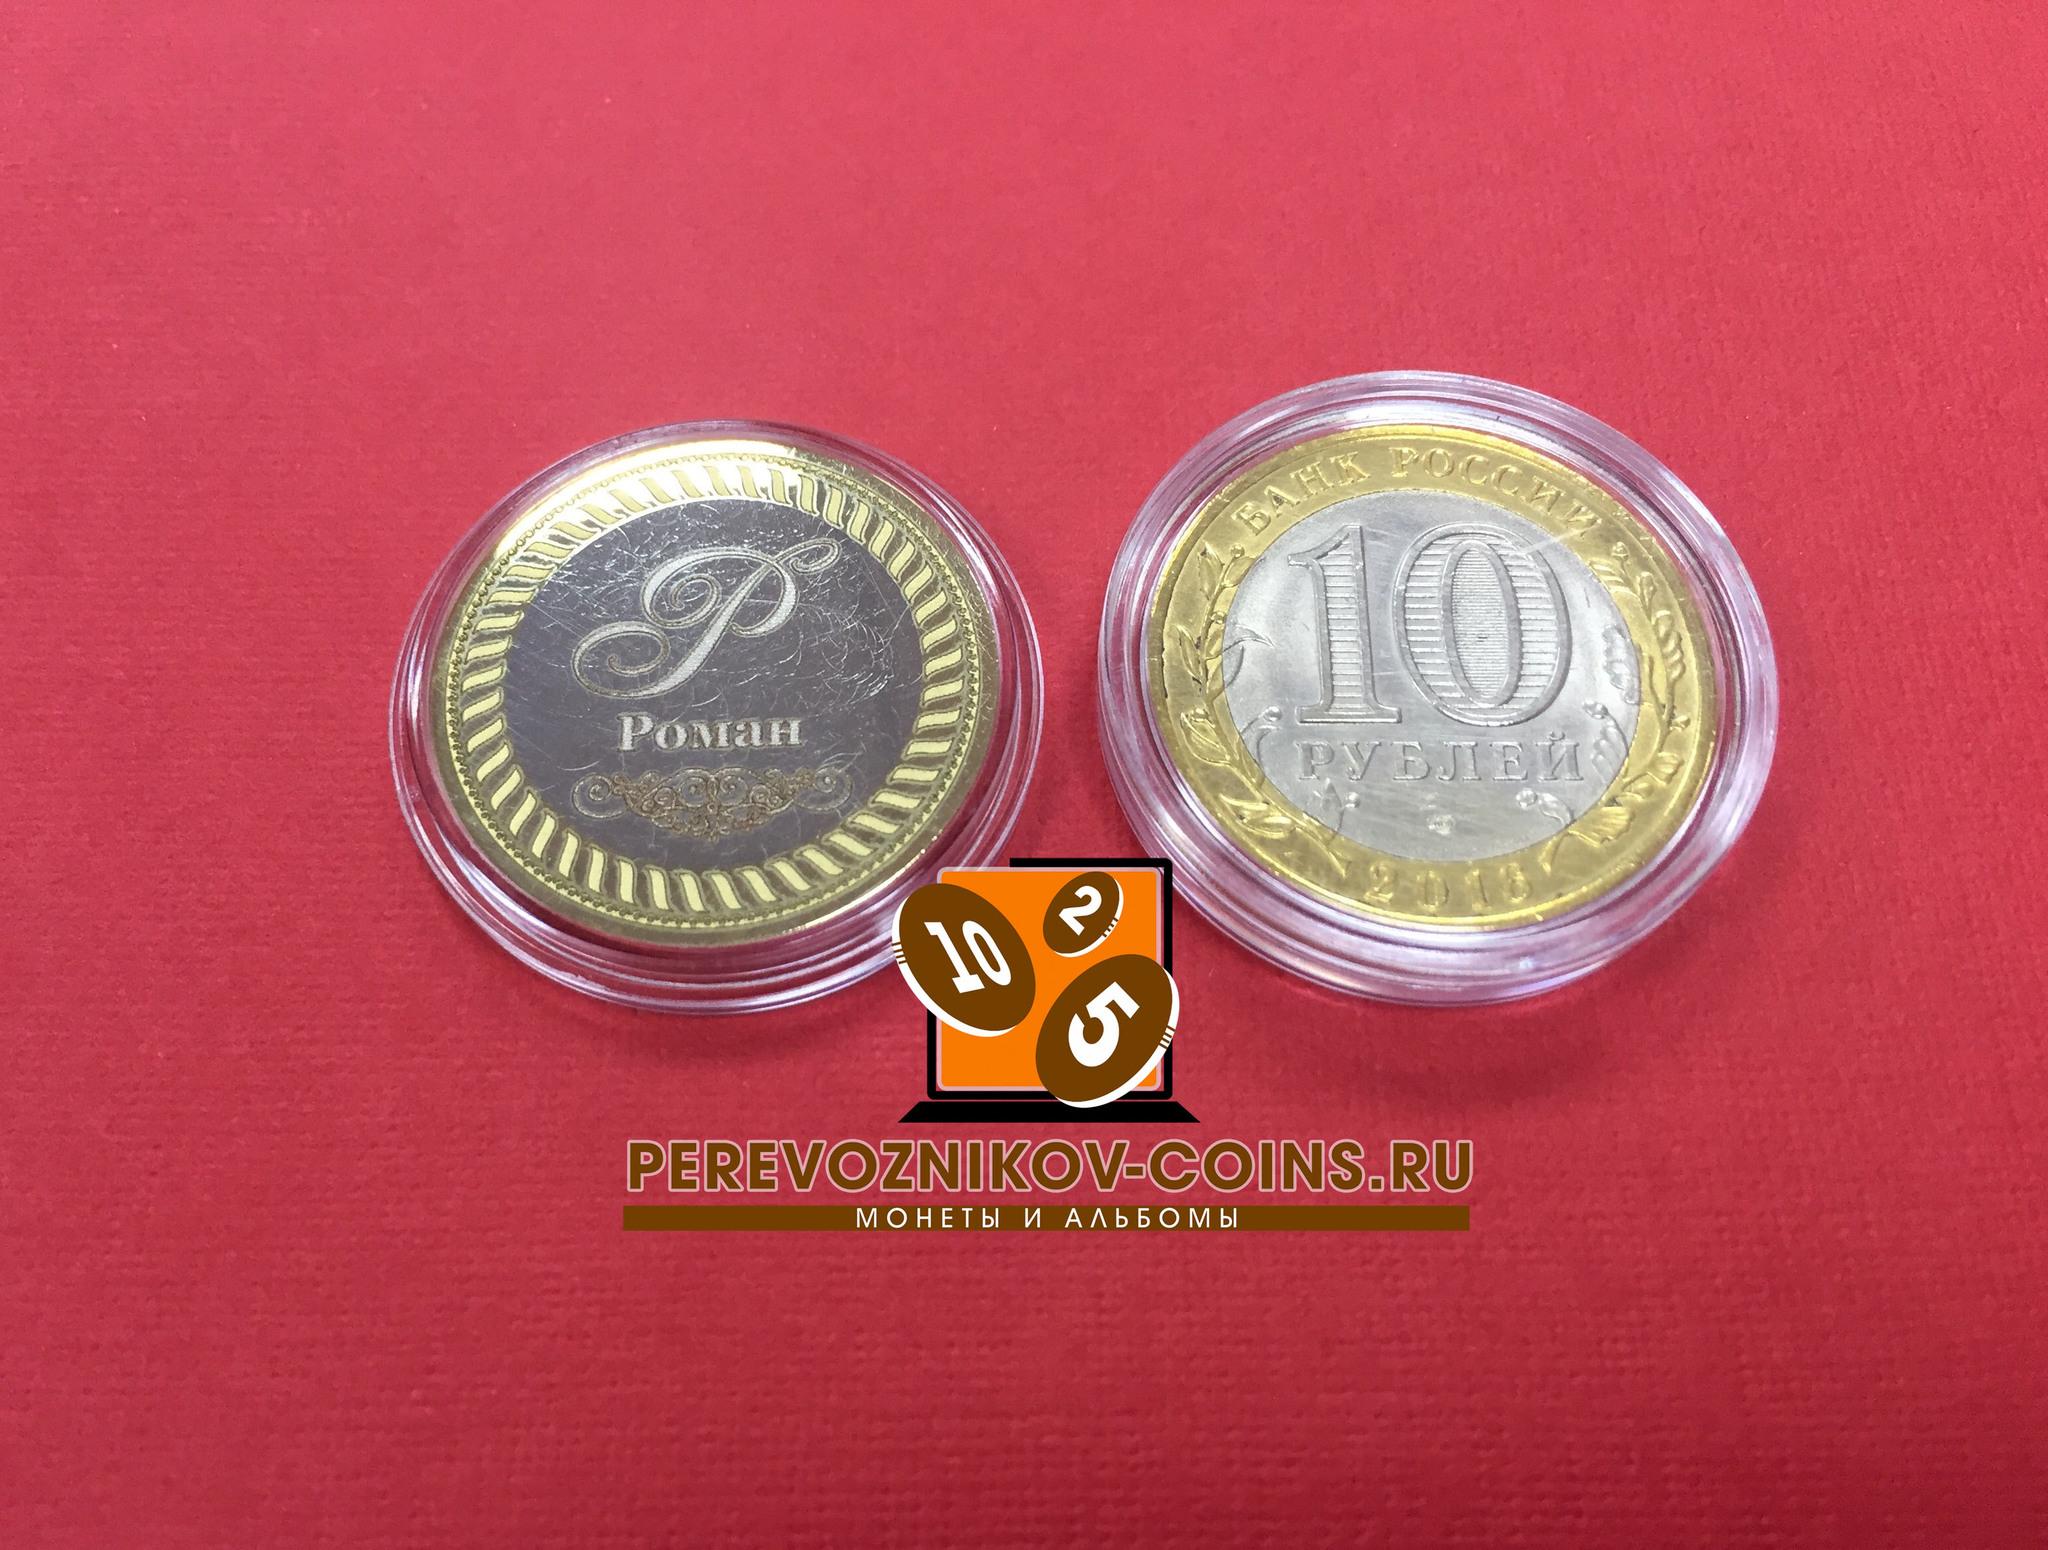 Роман. Гравированная монета 10 рублей